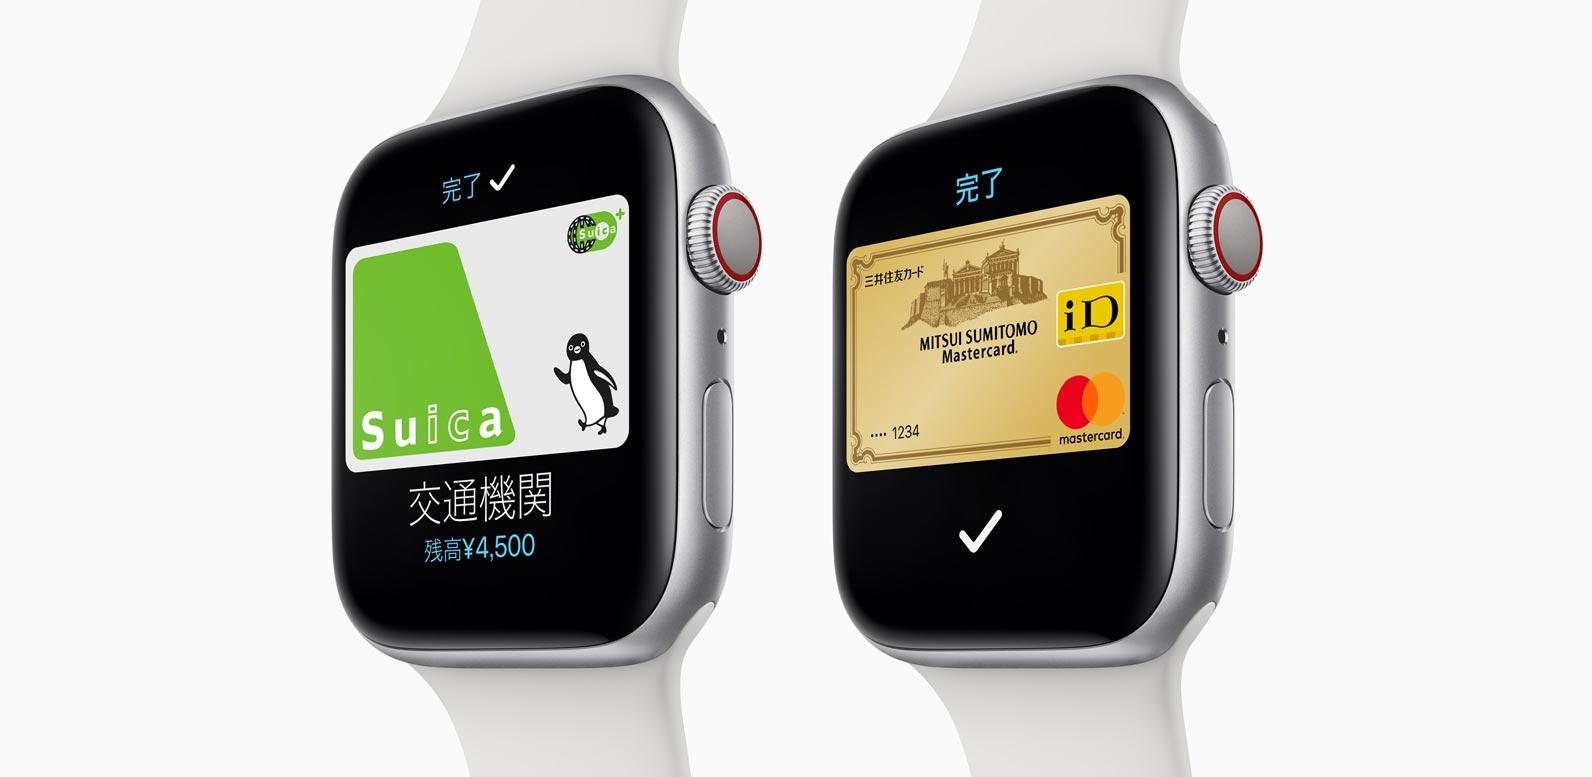 新型iPhoneは電源が切れていてもSuicaが使える!?Apple Watch Series 4の仕様はまだ不明…。